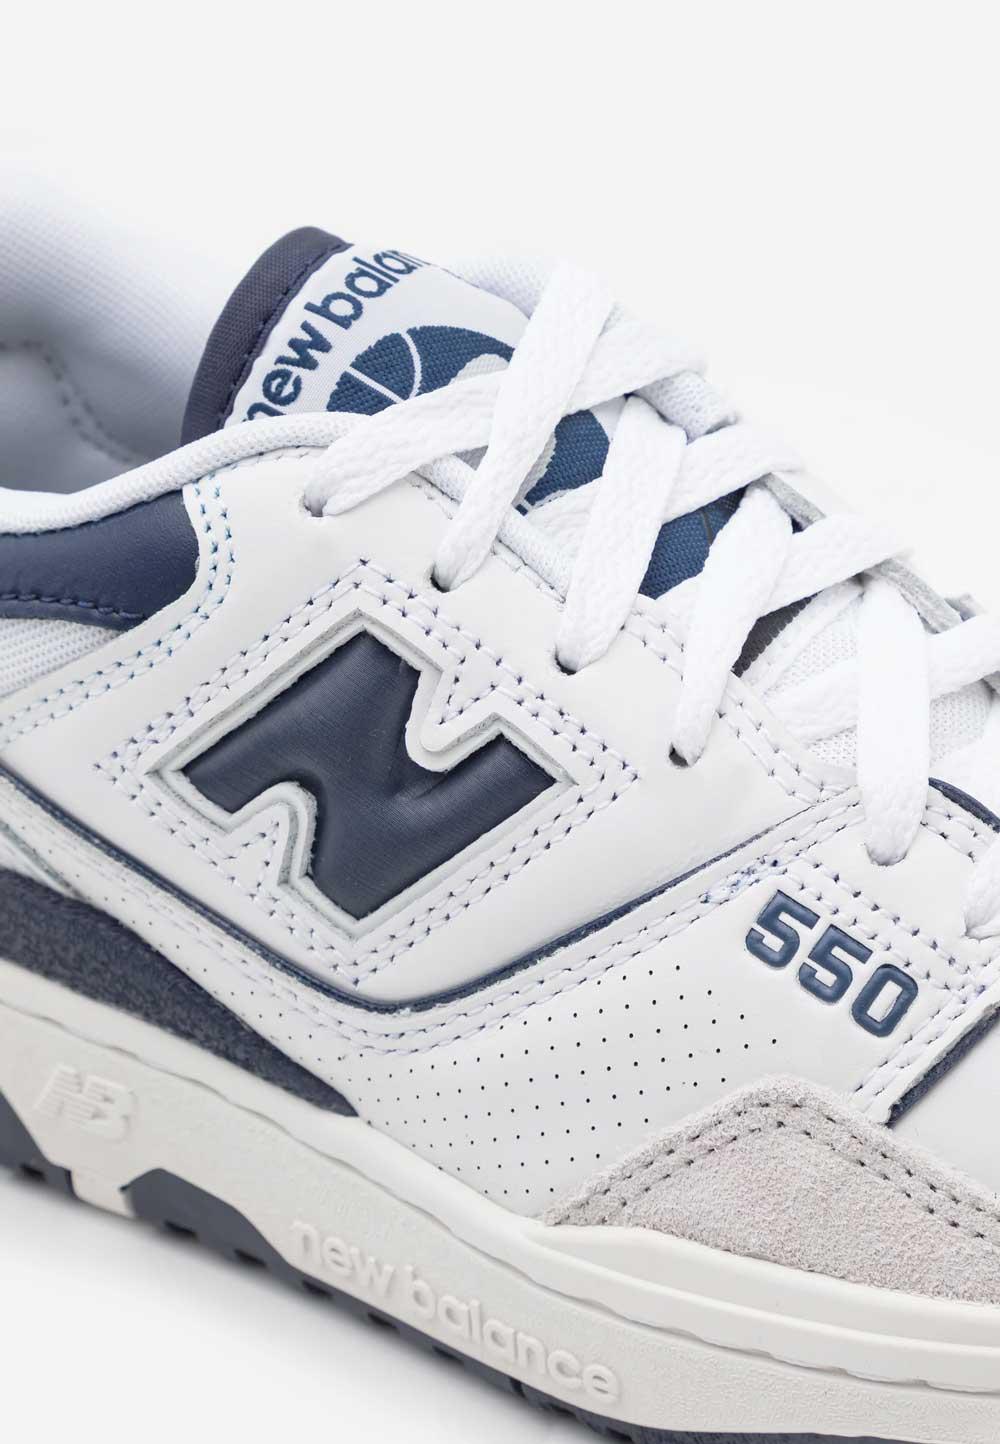 Vuelven las zapatillas New Balance 550 a Zalando